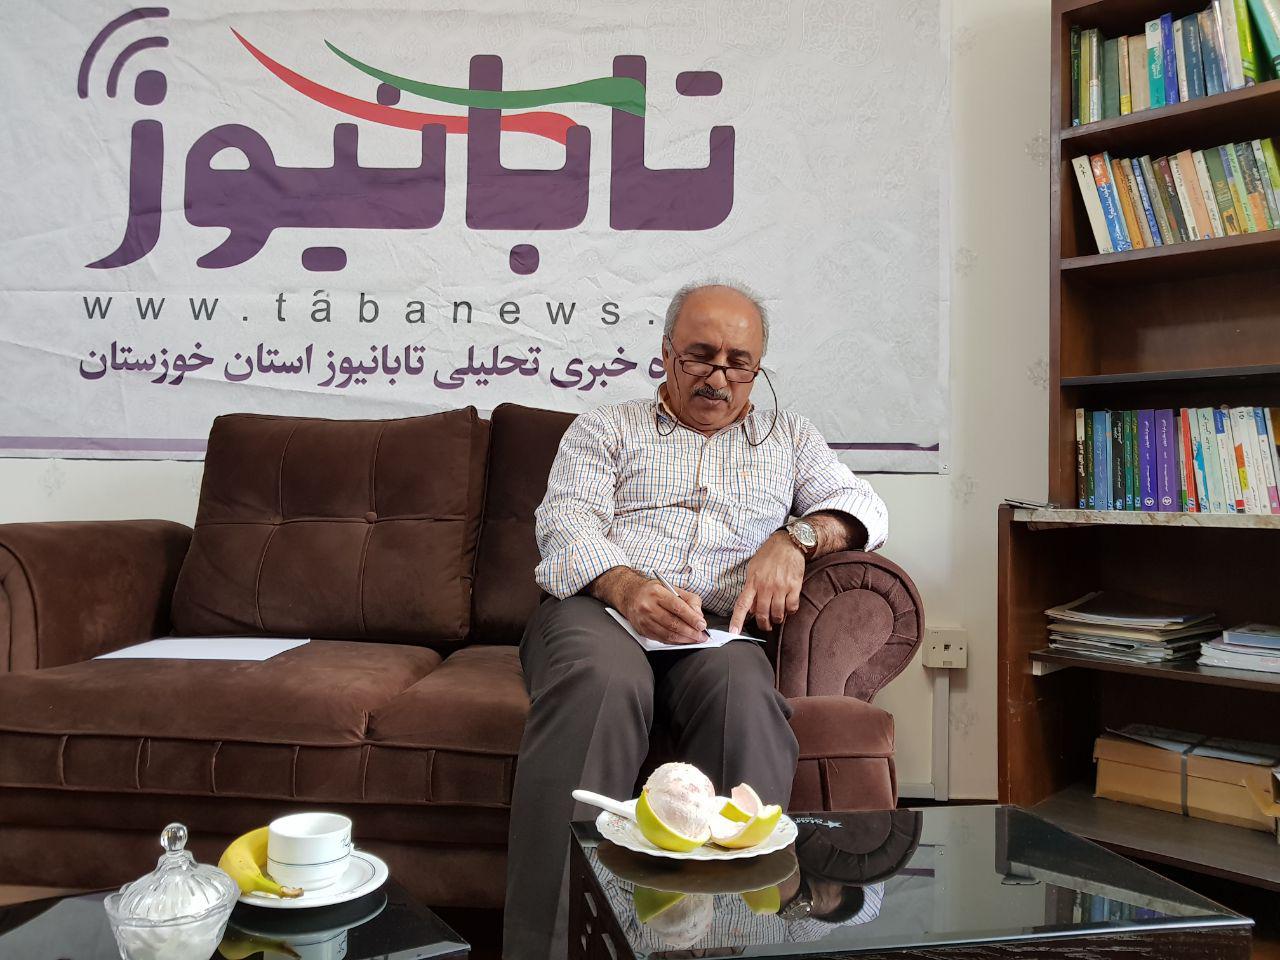 عمده مدیران خوزستان، بدون تخصص خود را صاحب نظر می دانند